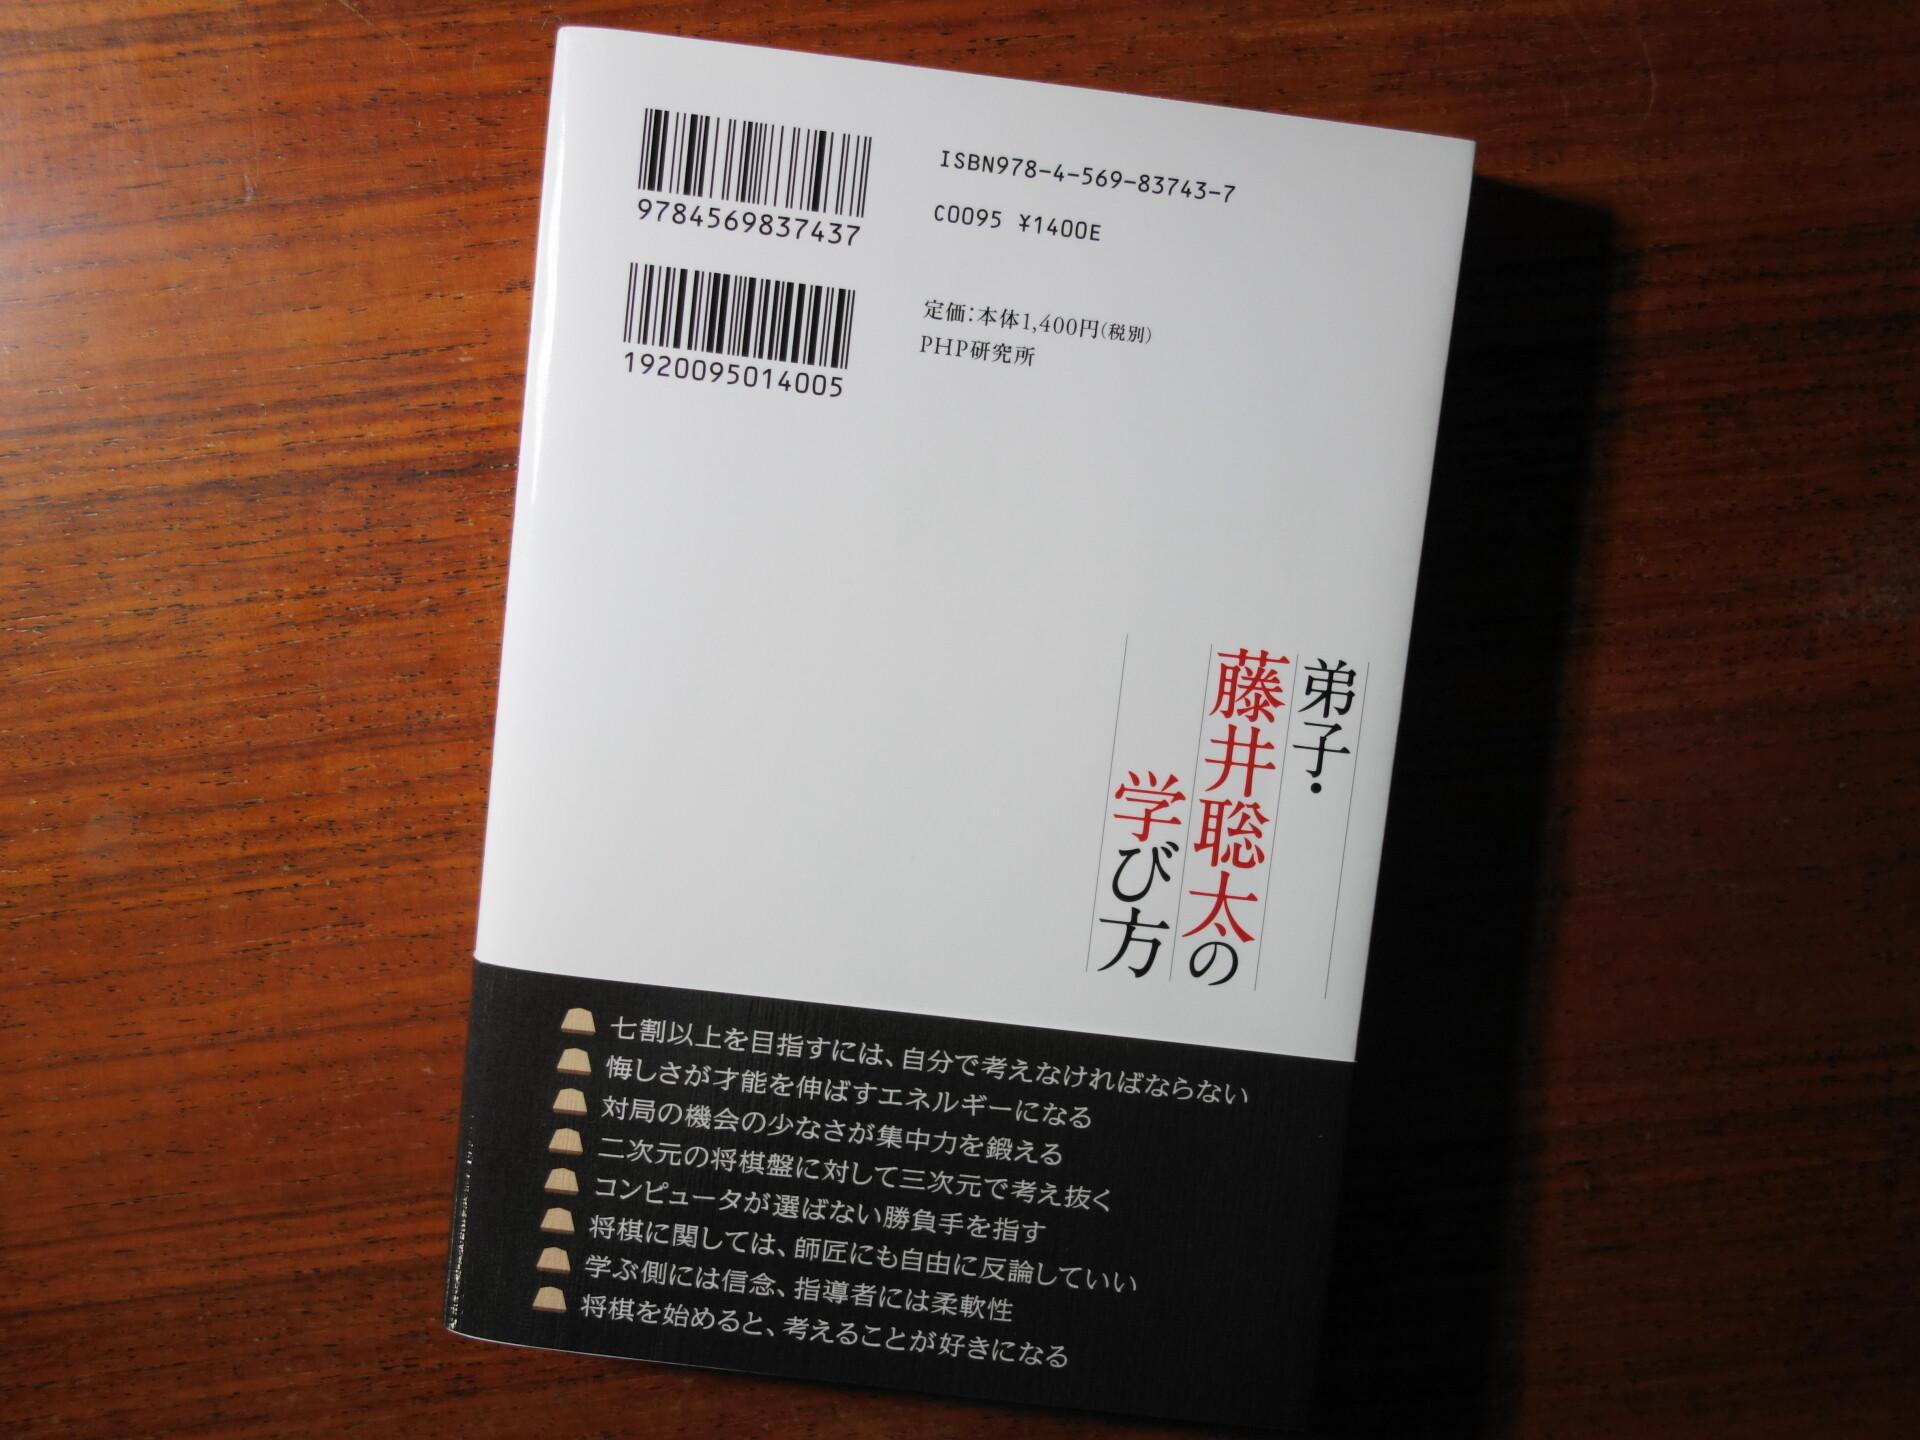 弟子・藤井聡太の学び方の裏表紙